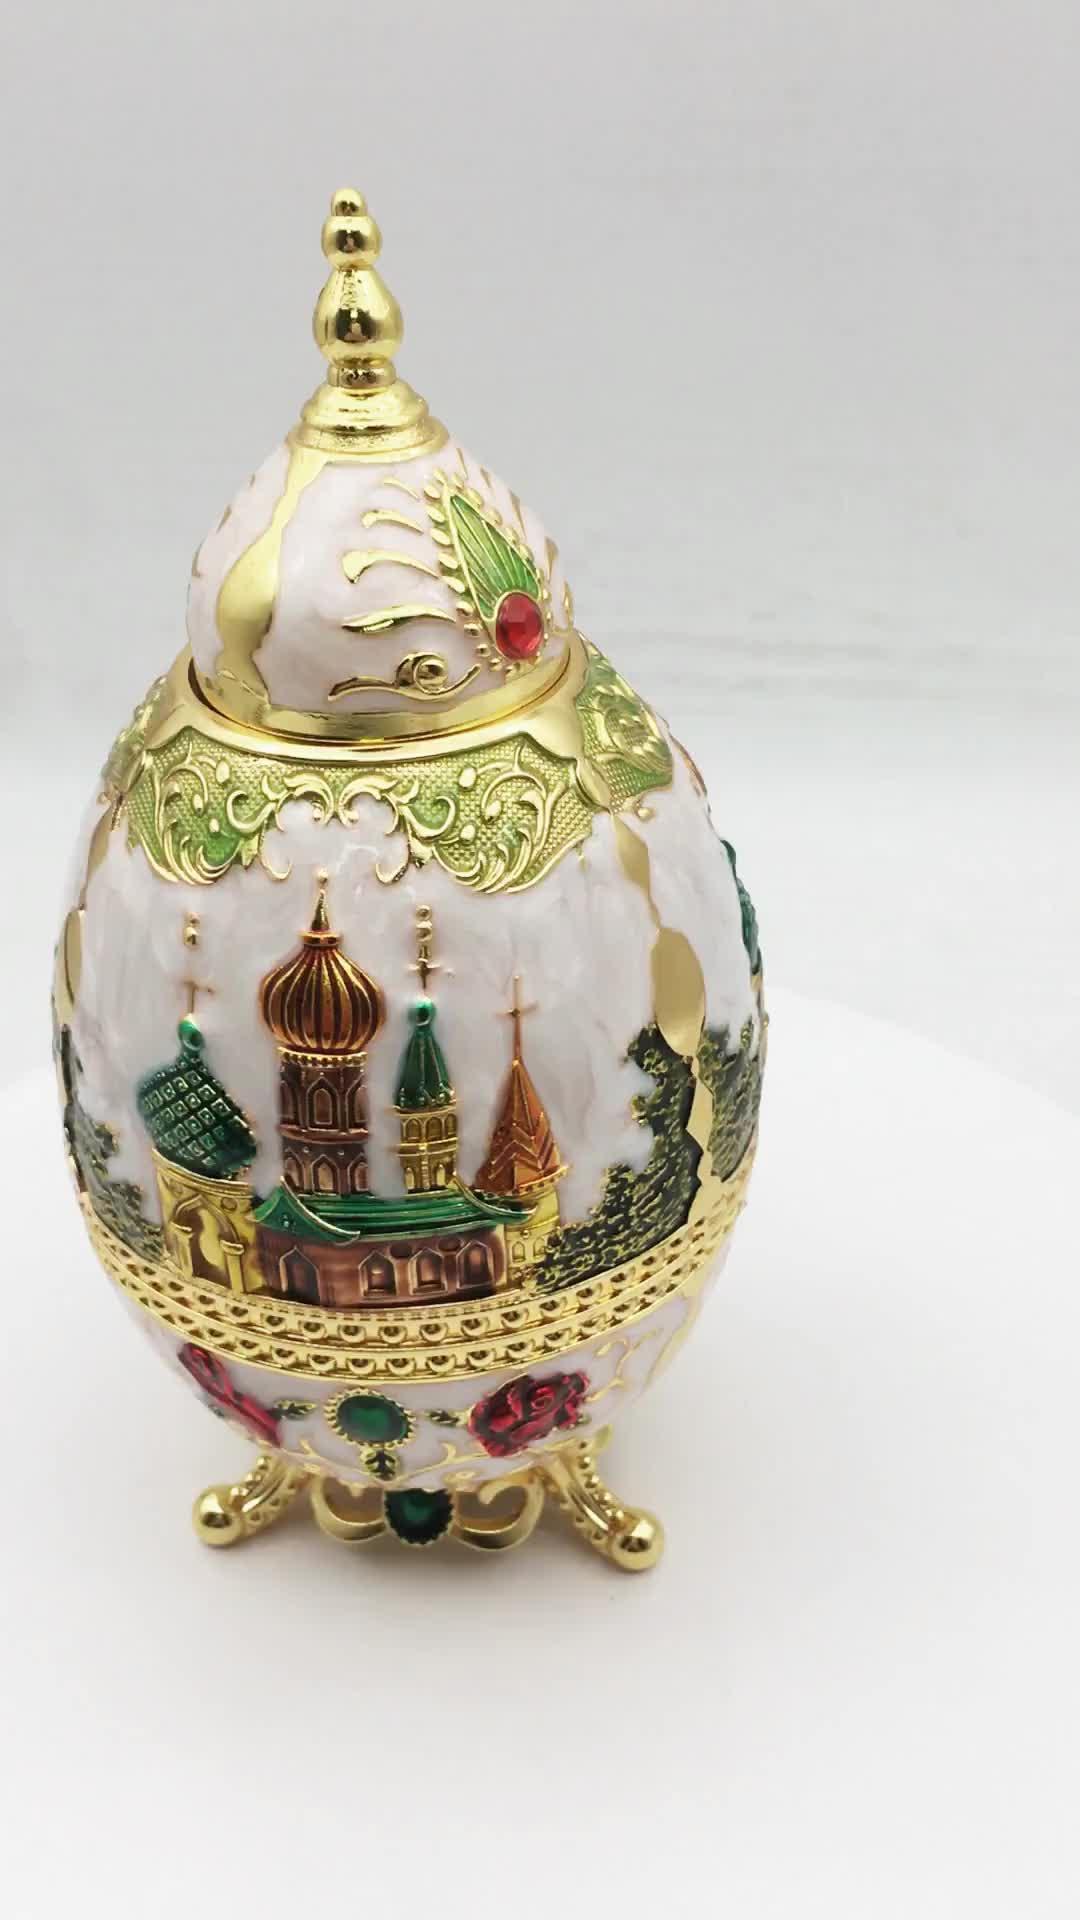 Personnalisé souvenir russe d'indication bâtiment figurine émail oeuf porte-cure-dents automatique